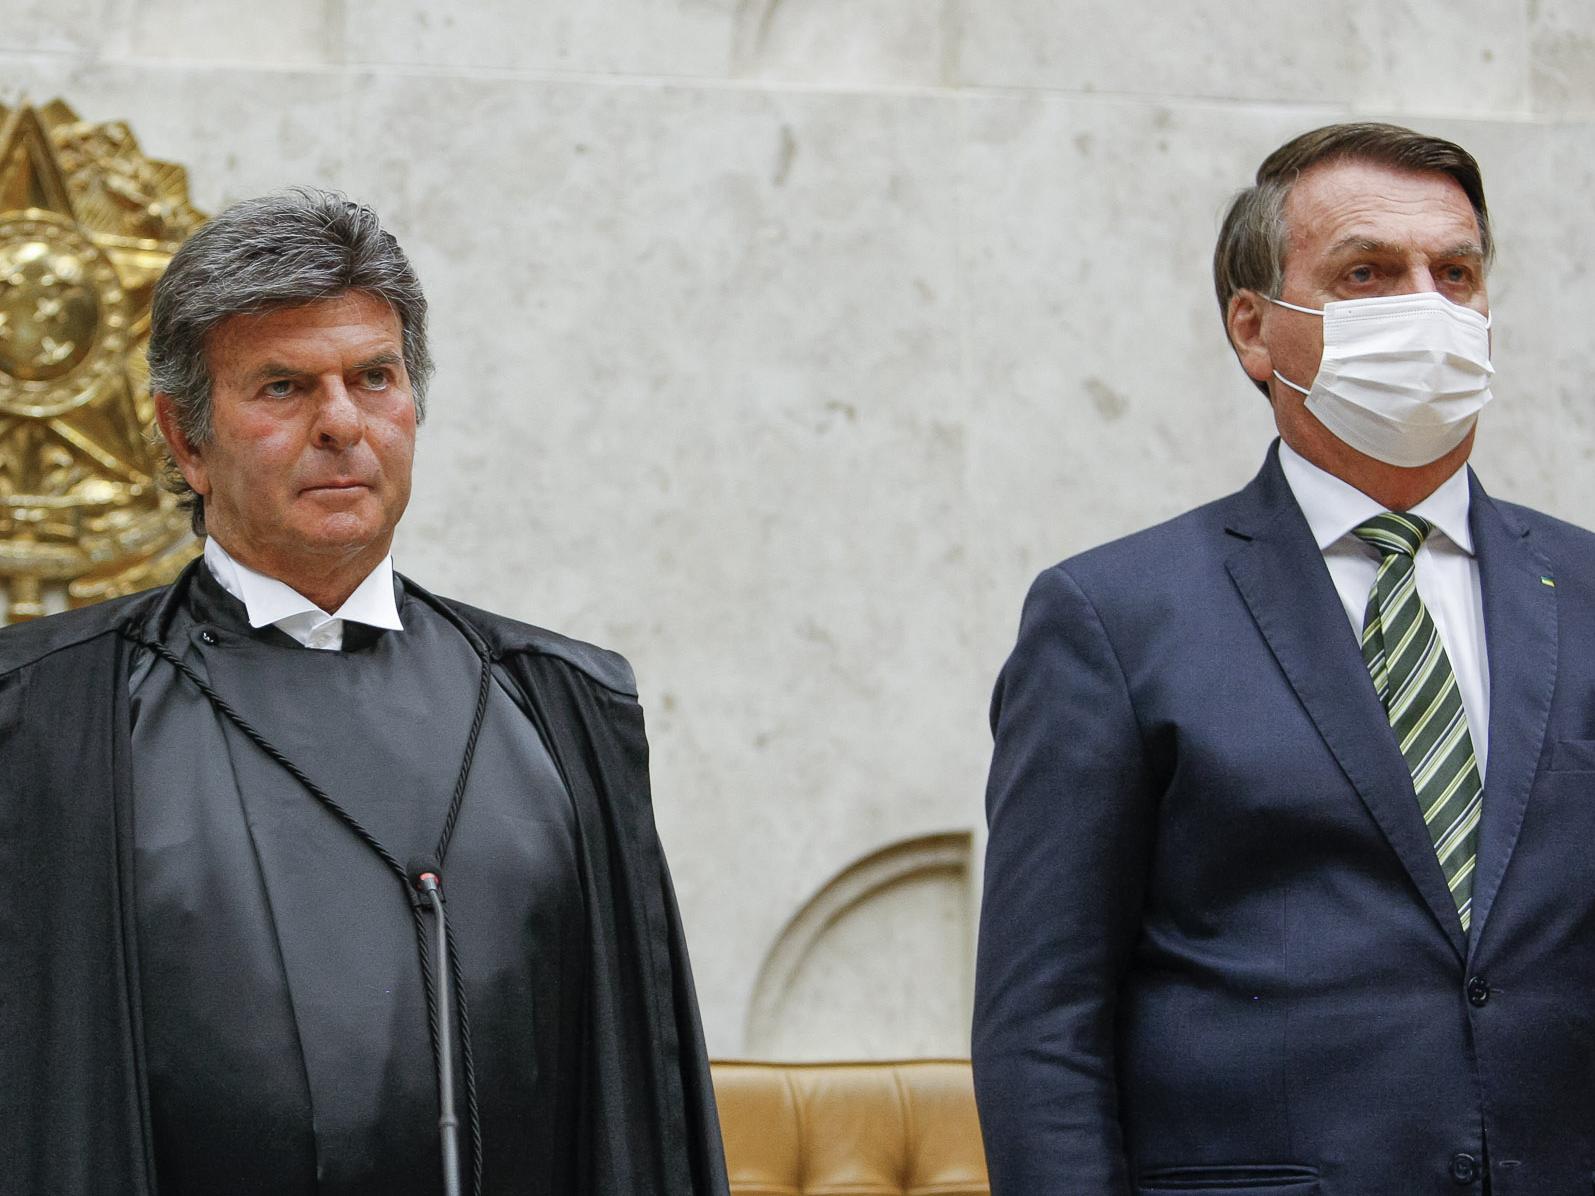 Fux vai dar recado a Bolsonaro sobre 'limites' em discurso de retorno do STF